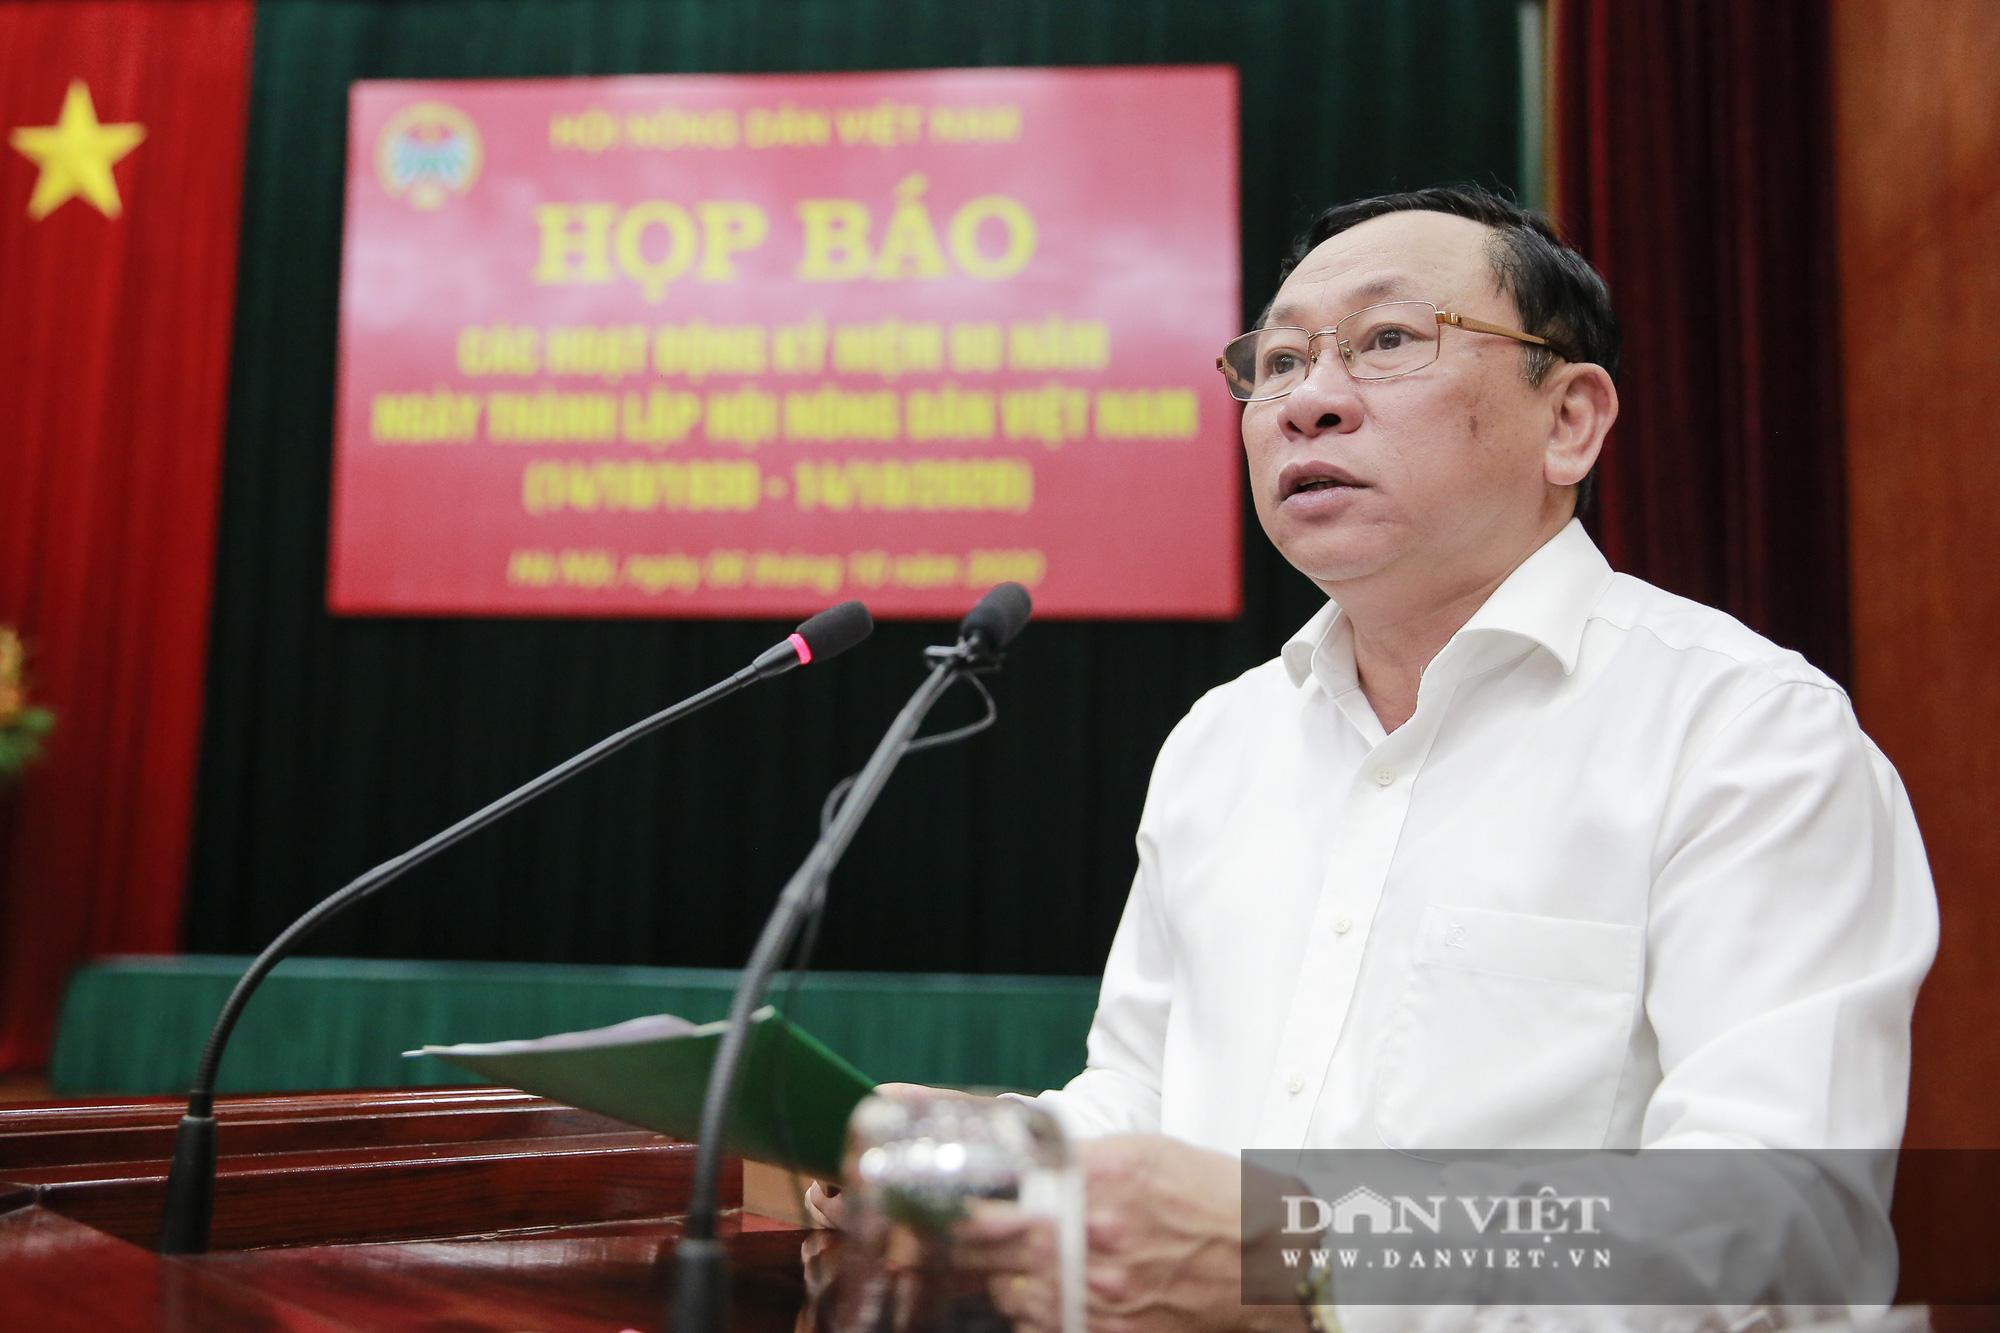 Toàn cảnh Họp báo kỷ niệm 90 năm Ngày thành lập Hội Nông dân Việt Nam - Ảnh 2.